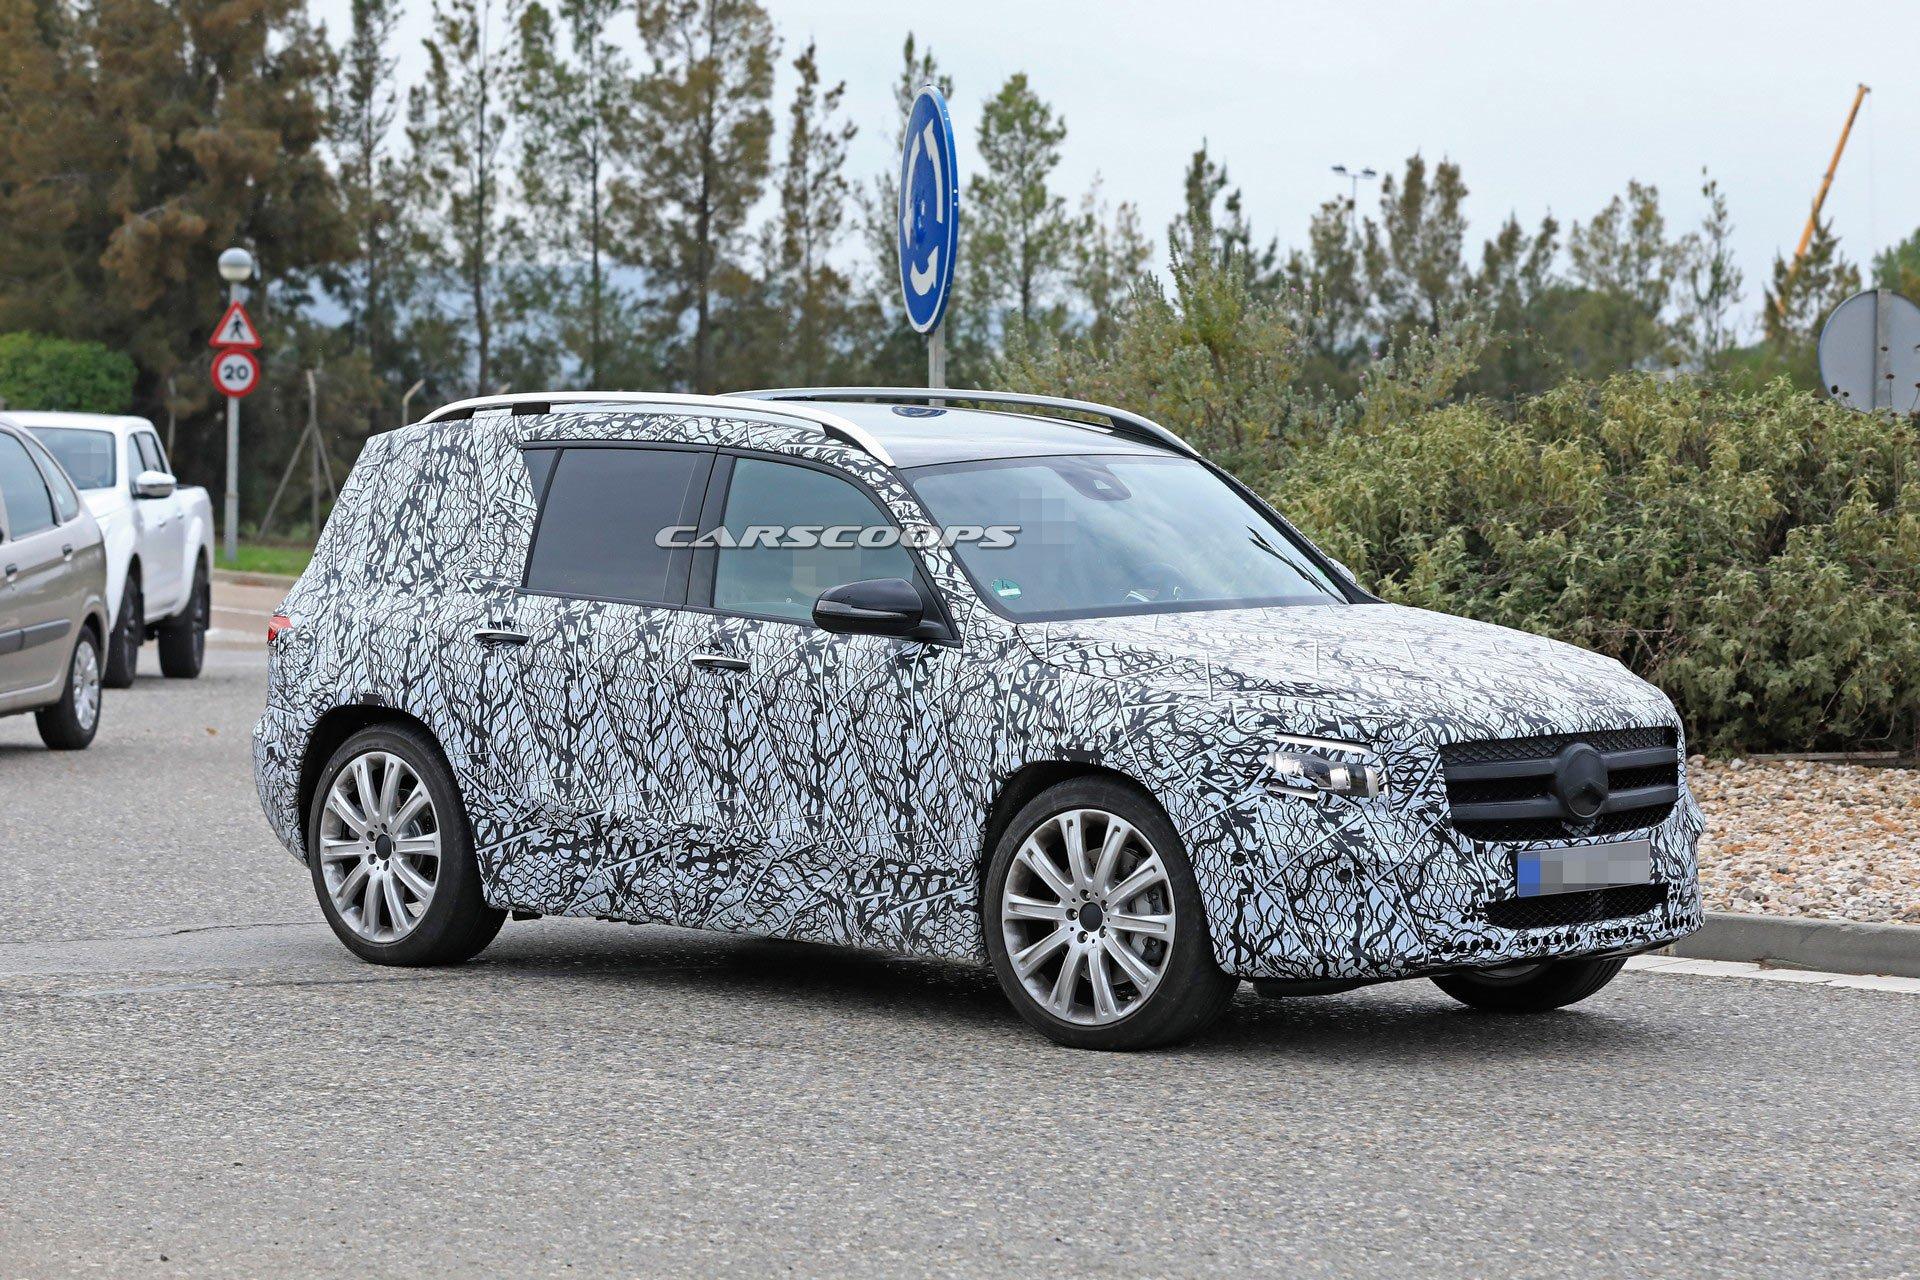 2020年に発売予定のメルセデスベンツの新型SUV「GLB」が日本で売れそうな件!